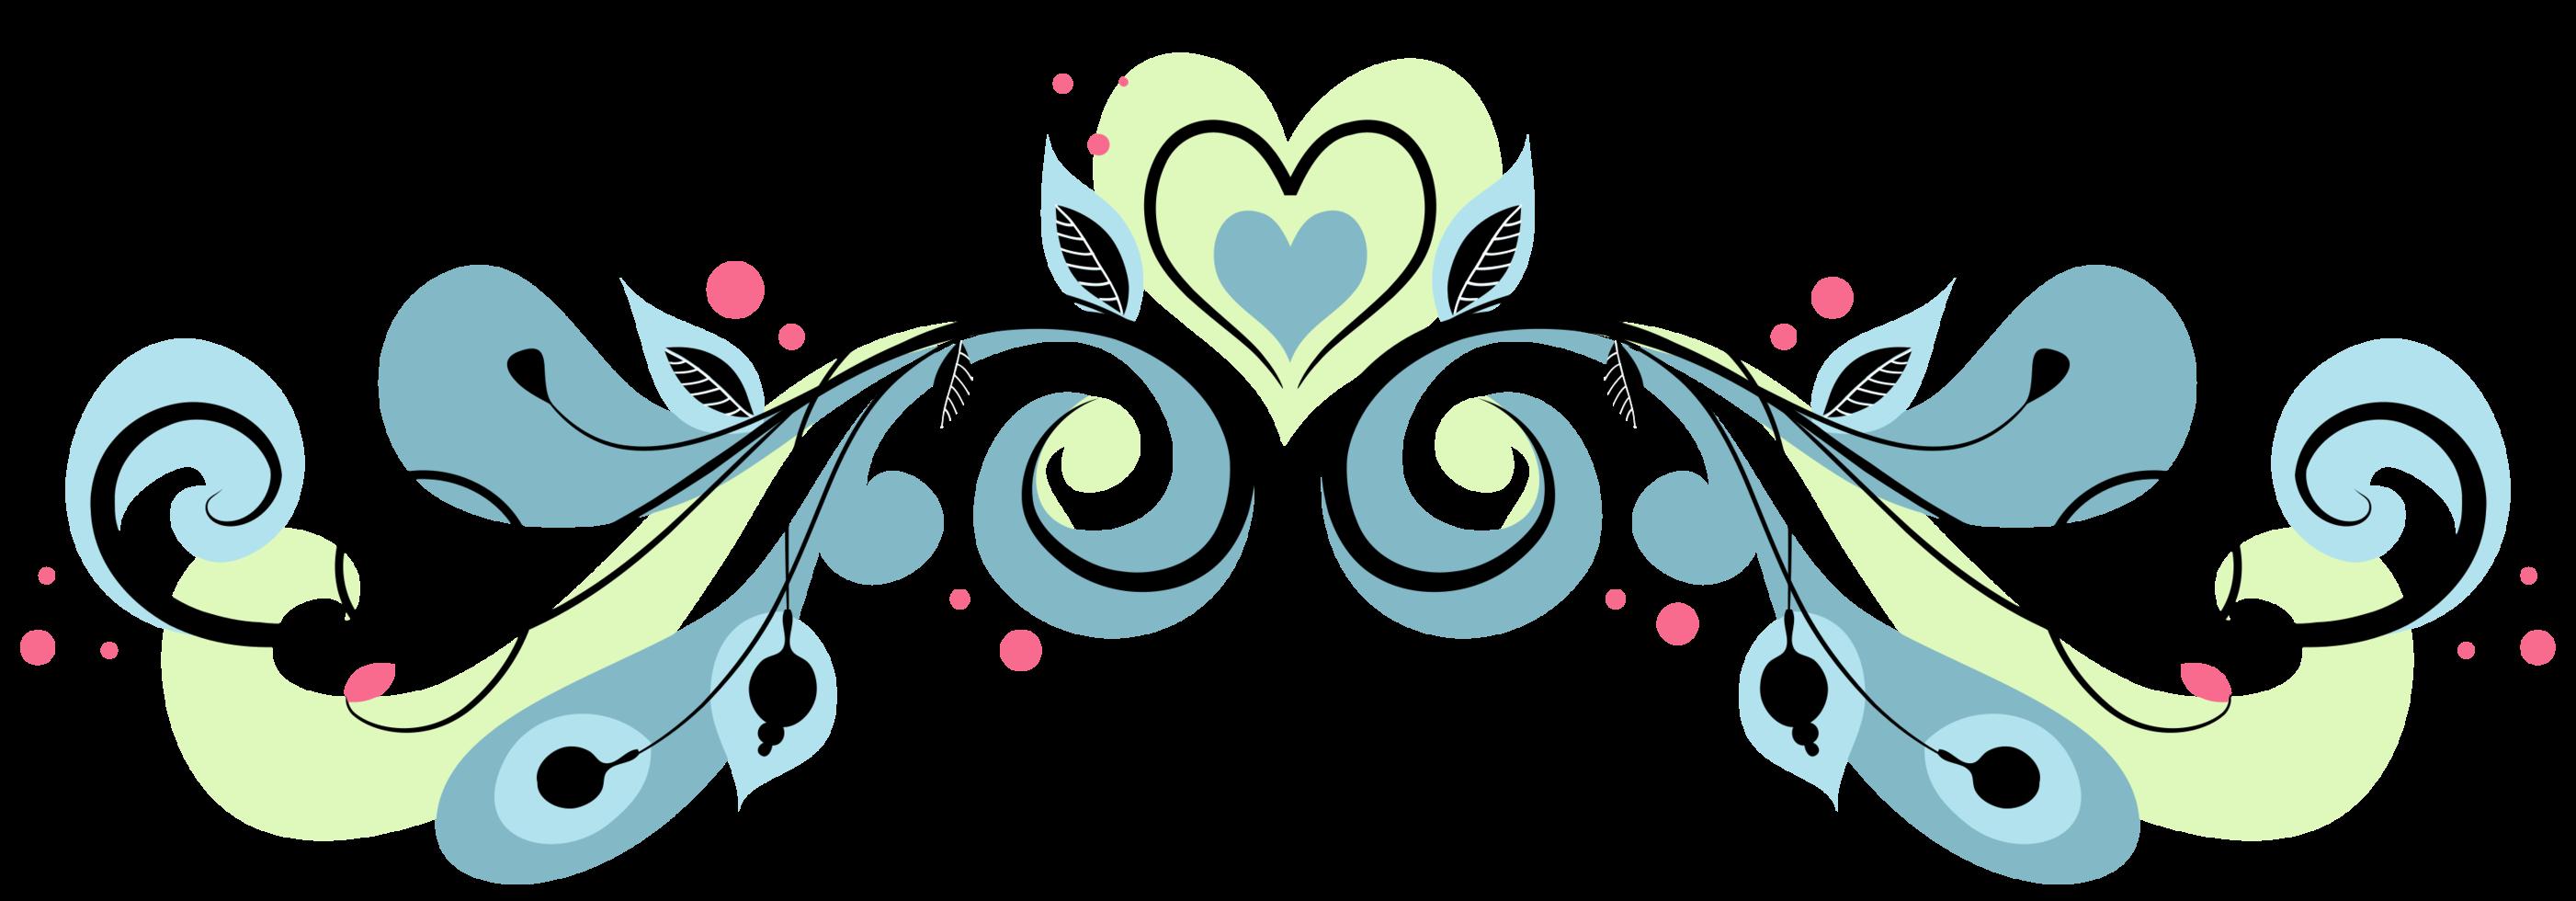 decoracion corazon png